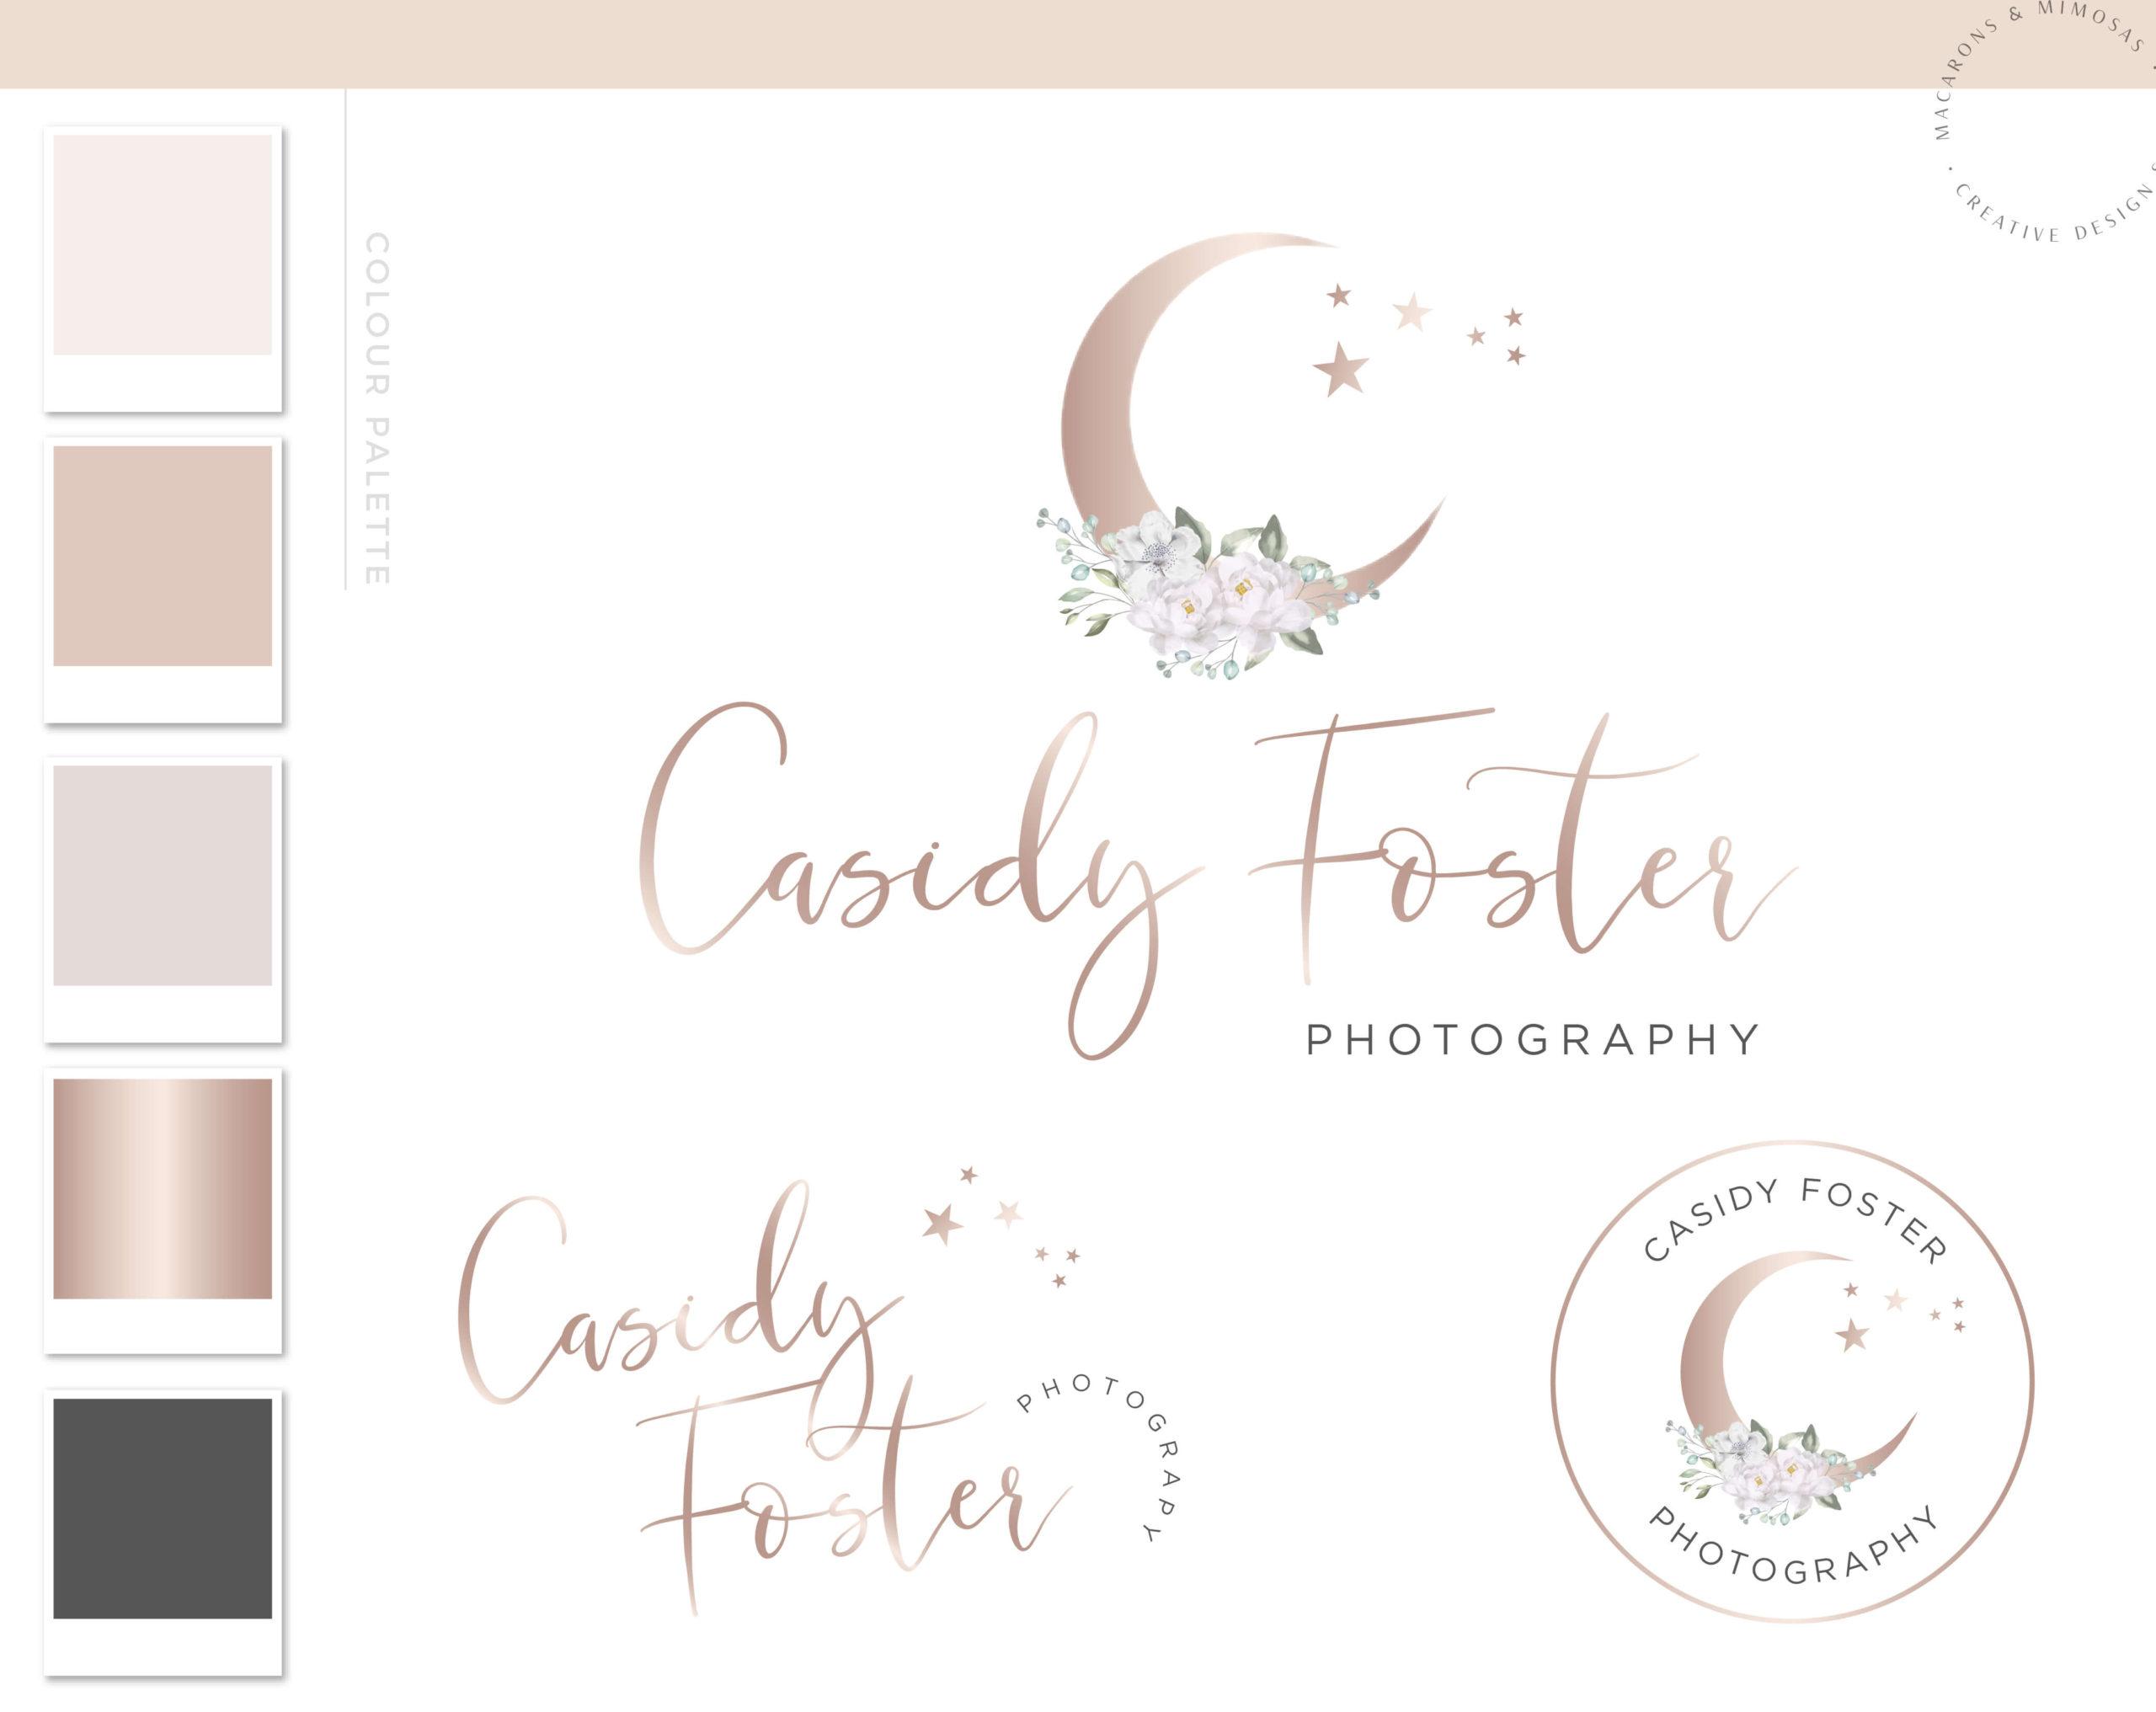 Moon Star Logo, Floral Branding Watermark Photography Logo Design, Modern Feminine Custom Branding Kit Business Card Addon